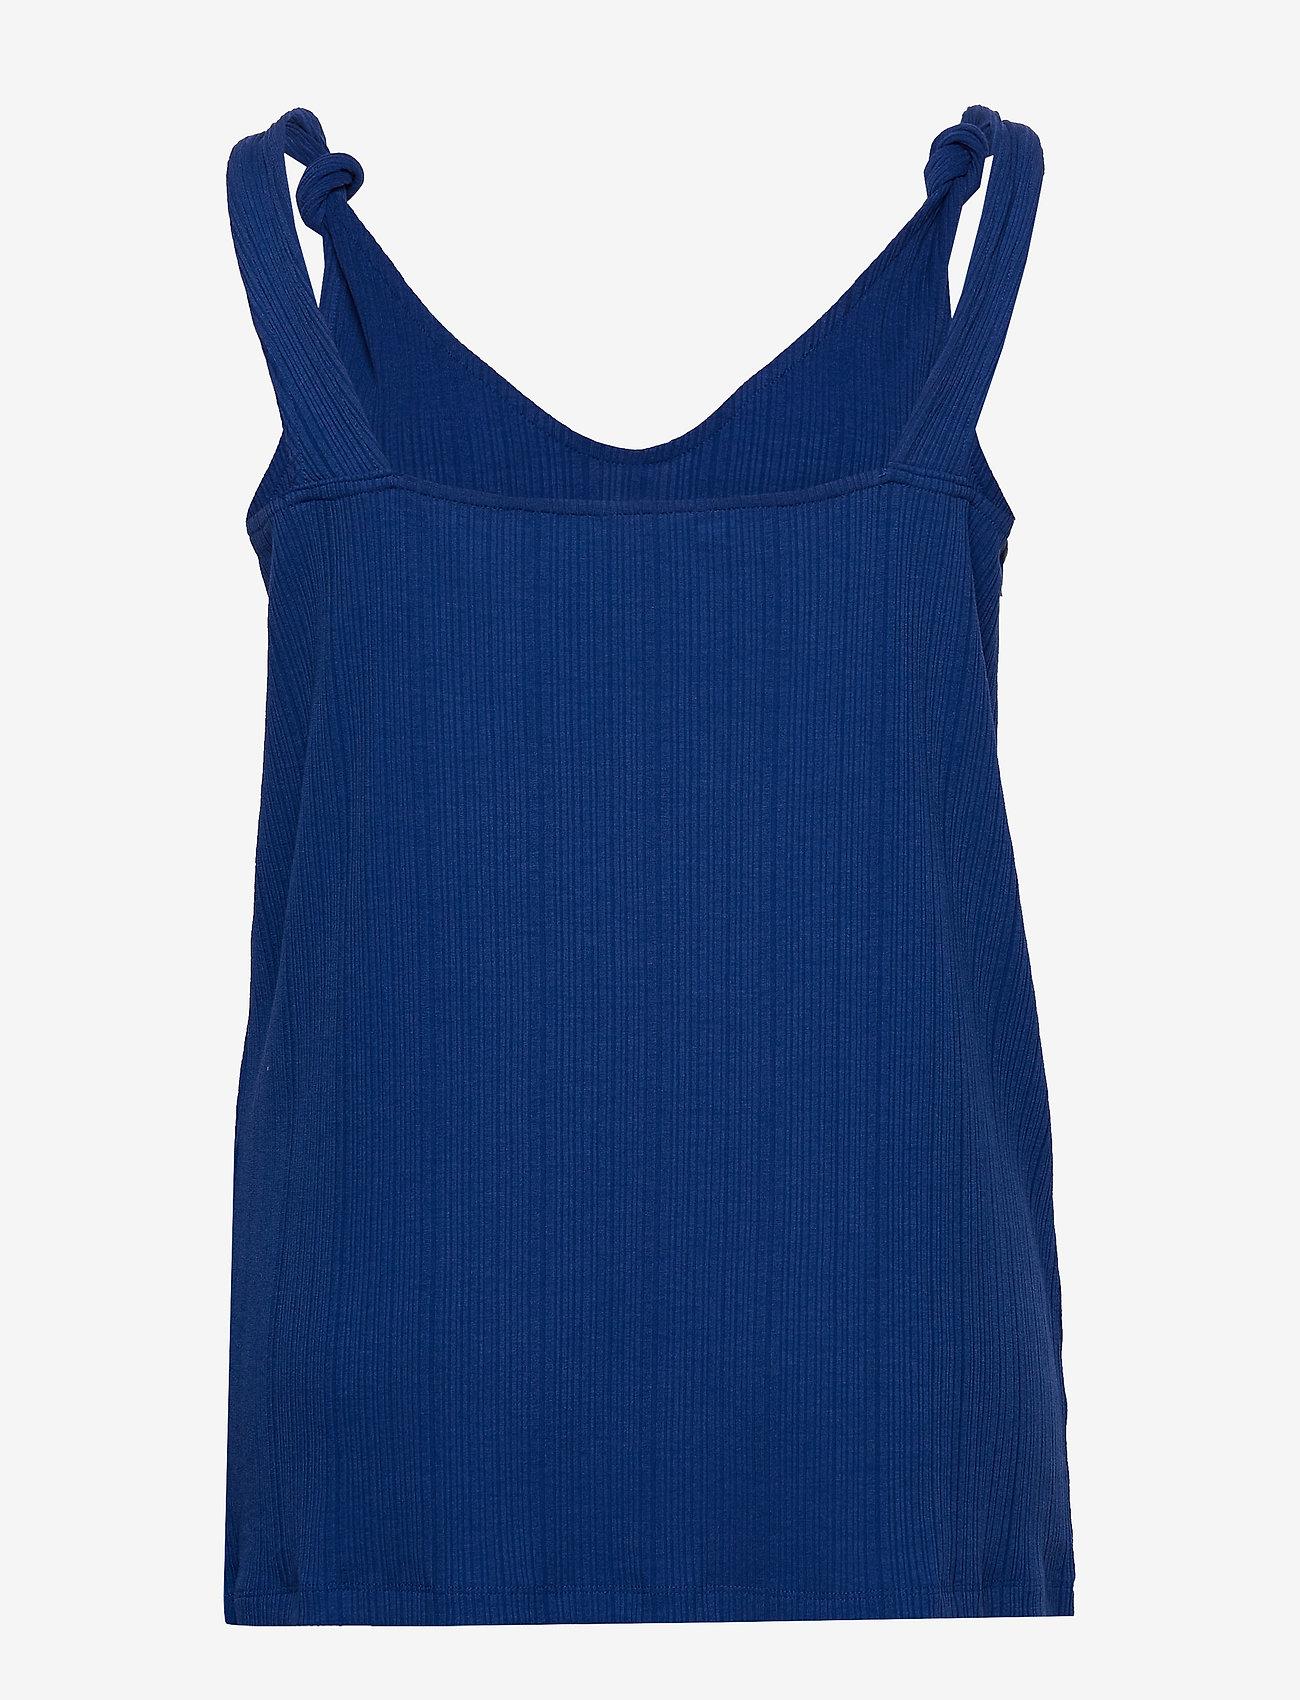 ONLY Carmakoma - CARSOPHIA SL TOP - sleeveless tops - mazarine blue